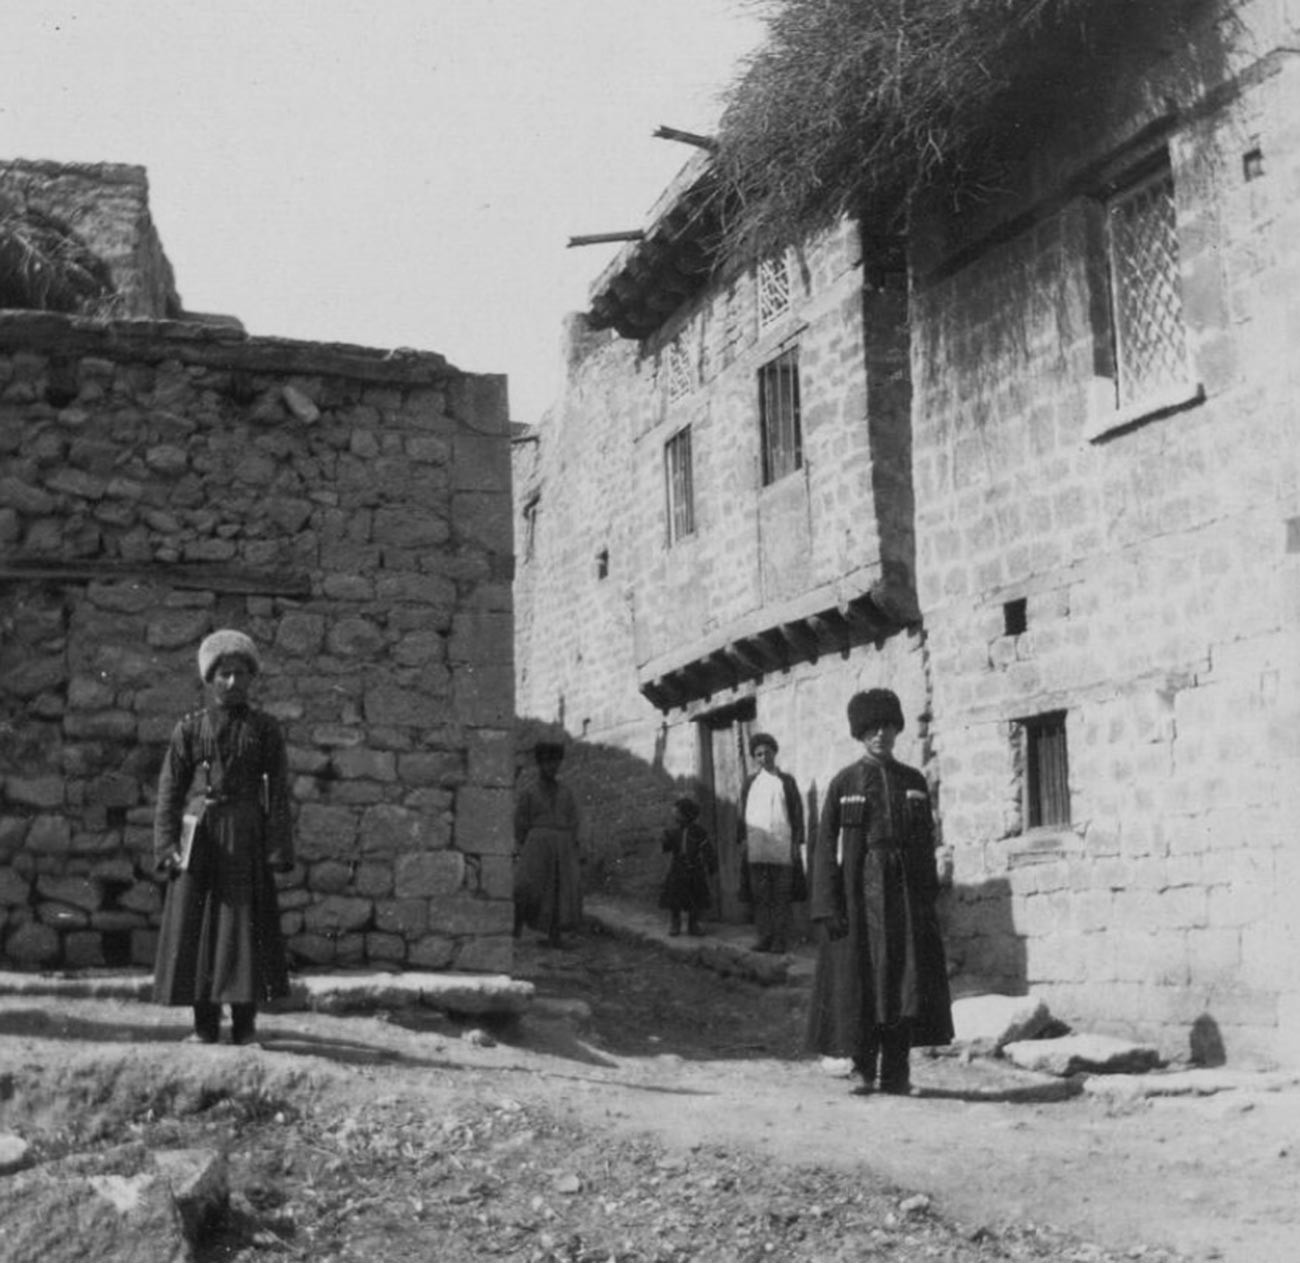 Les anciennes tribus de la région étaient sédentaires et pratiquaient l'agriculture.